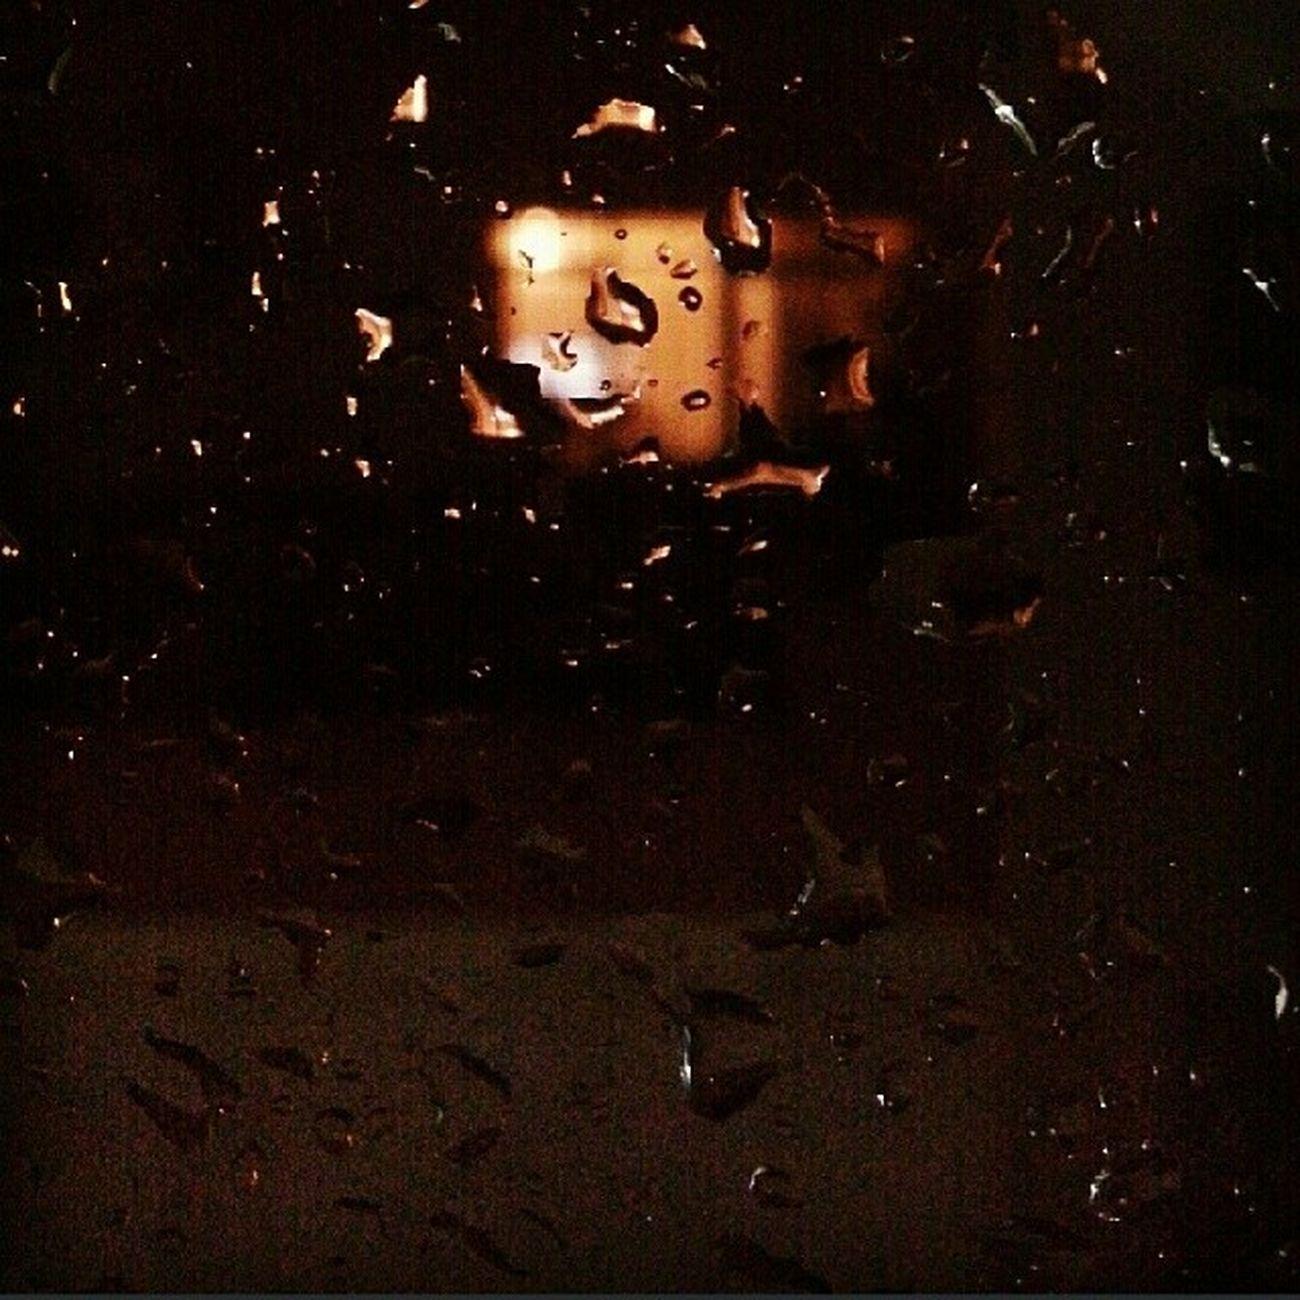 Izmir Turkey T ürkiyeIzmirdeya ğmurrainviewizmirmanzaralarıyağmurizmirdeyağmurluakşamlarinstagoodinsta_picinstaizmirinstaphoto